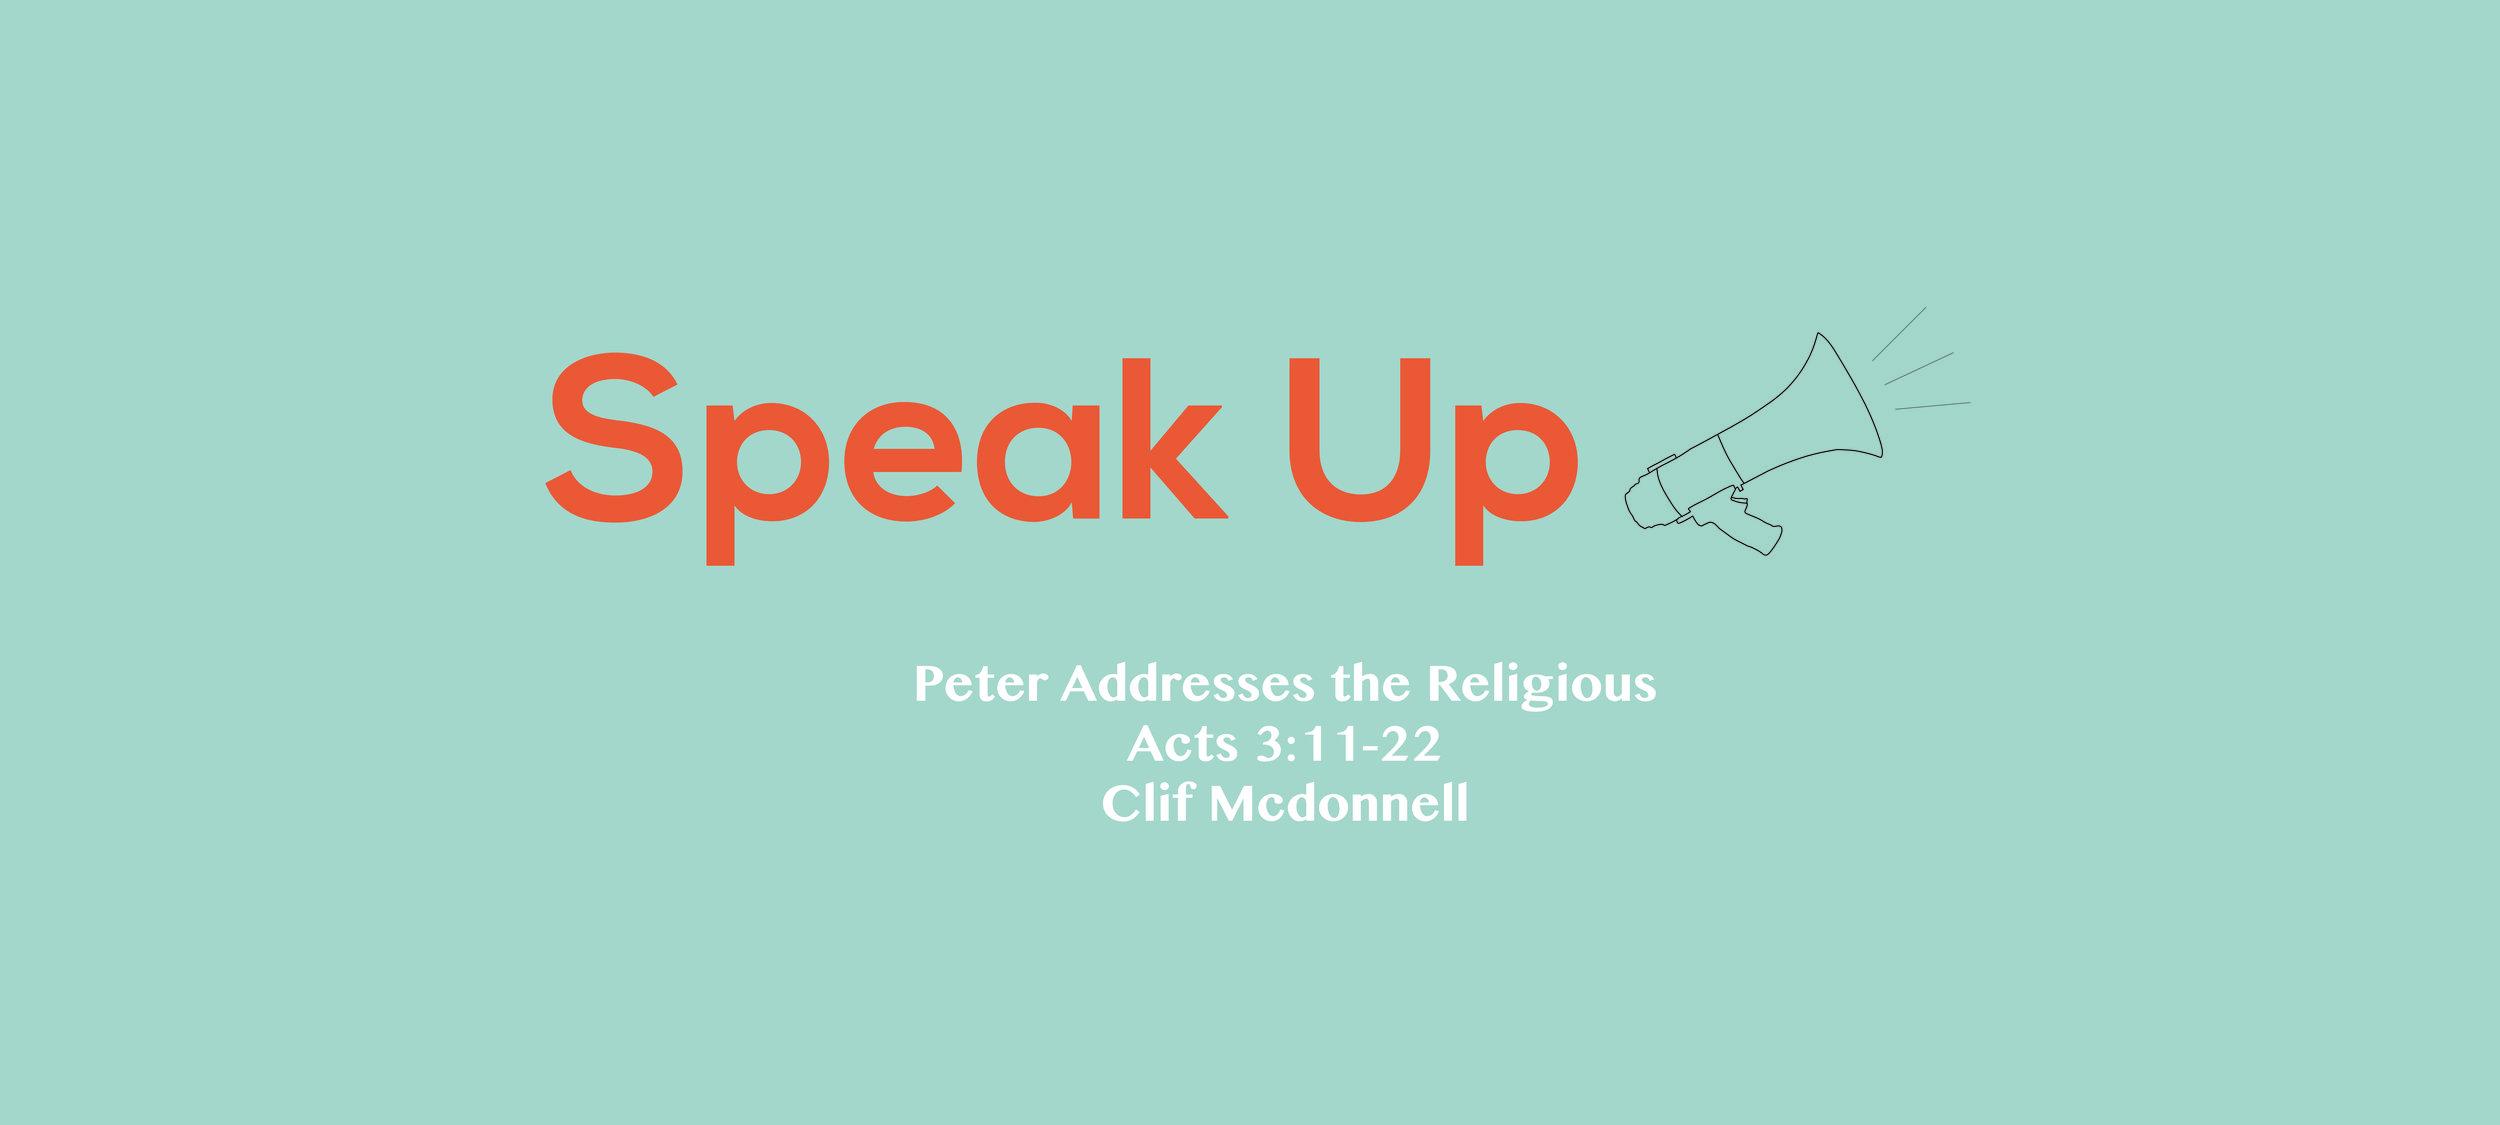 Web-Banner-Sermonlinks4.jpg